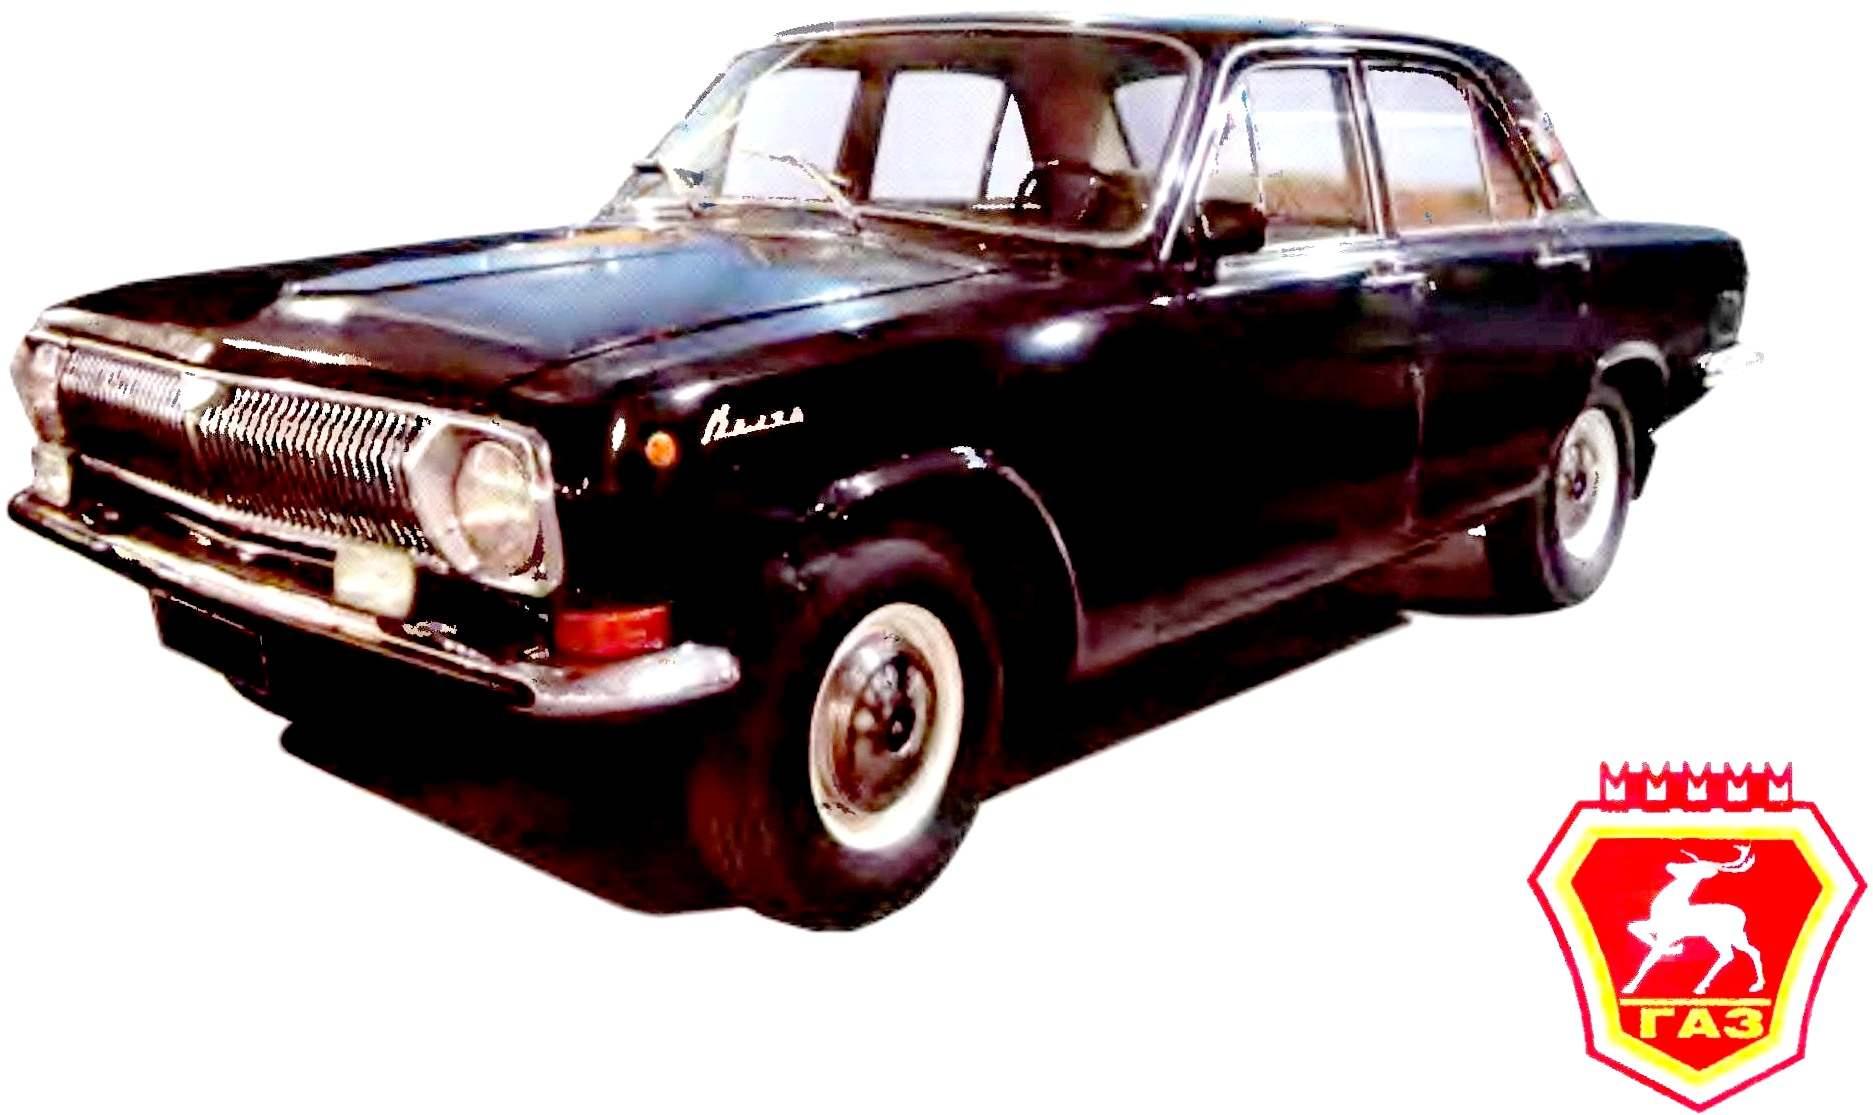 В 1968 году Горьковский автозавод освоил выпуск ГАЗ-24 - автомобиля «Волга» второго поколения, ставшего основой всех последующих легковых модификаций с маркой ГАЗ.